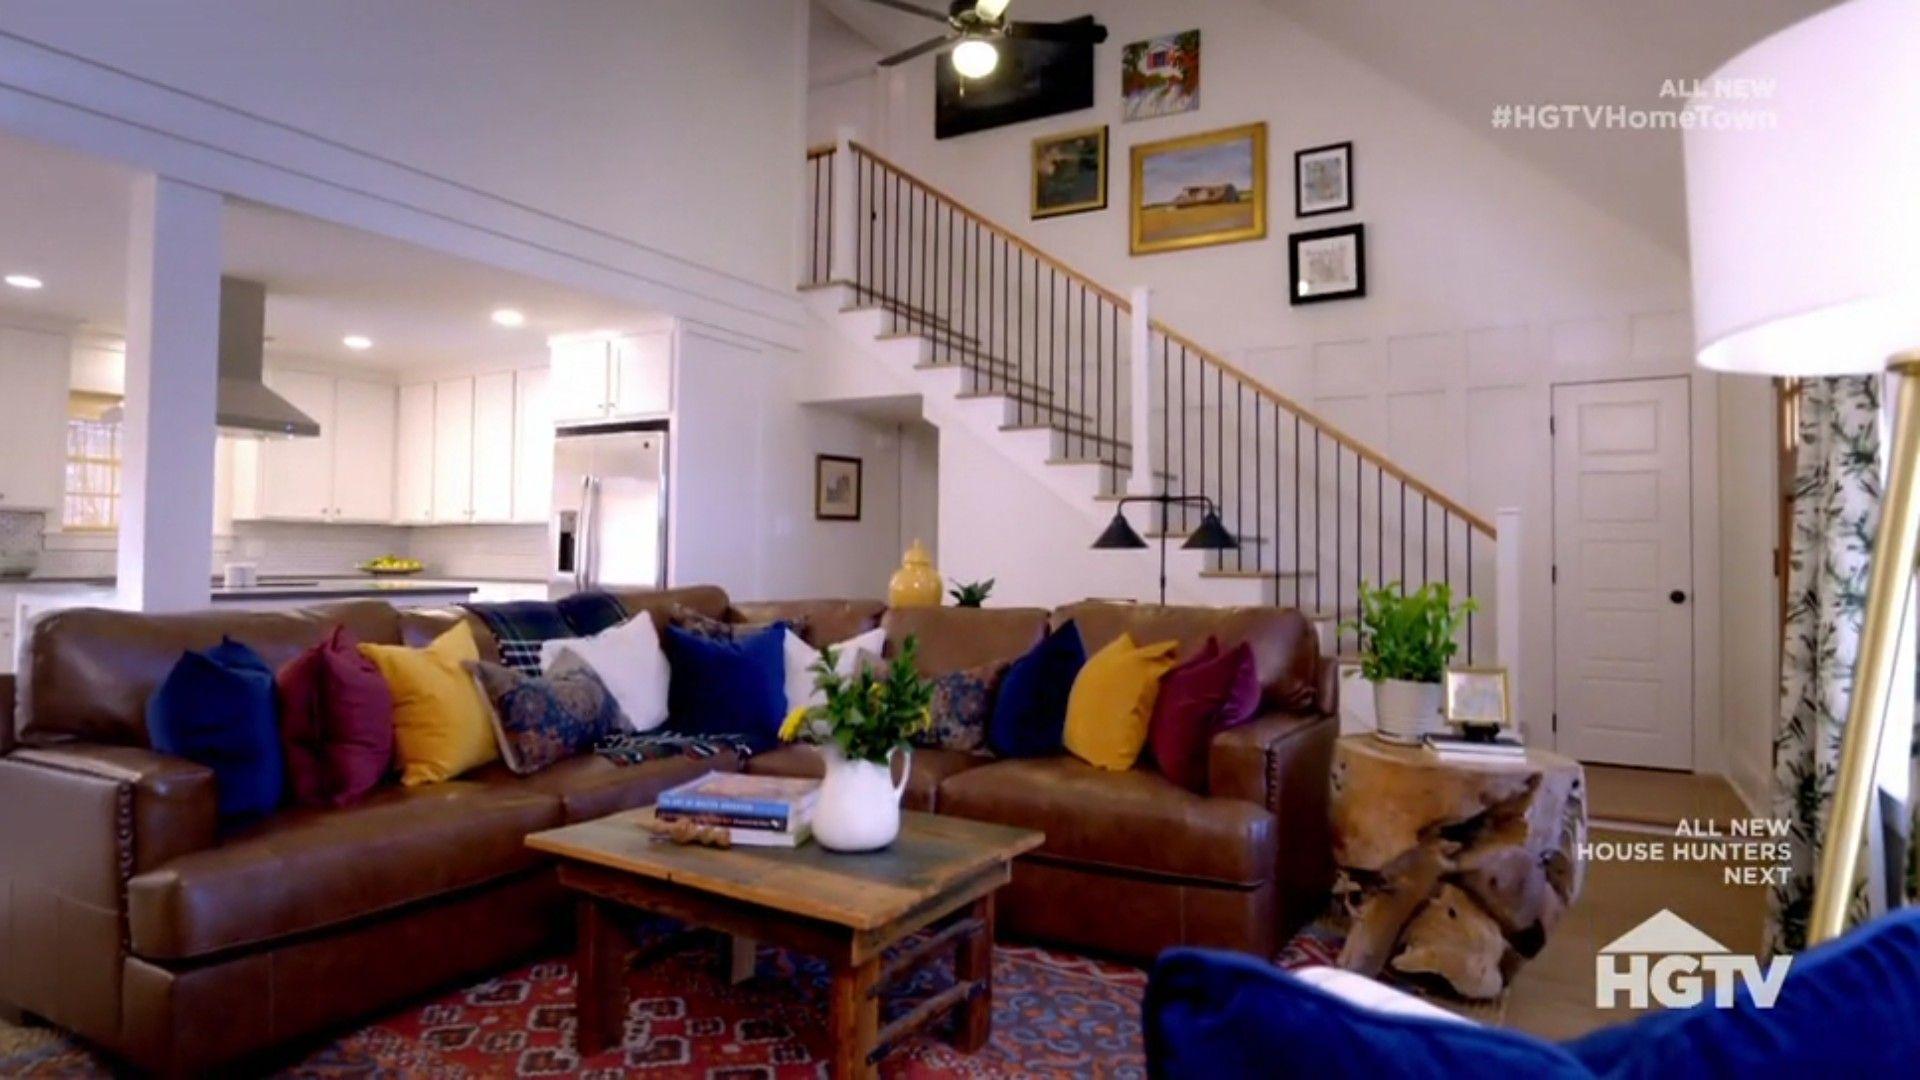 Hgtv Hometown Season 2 Episode 9 Home Home Decor Interior